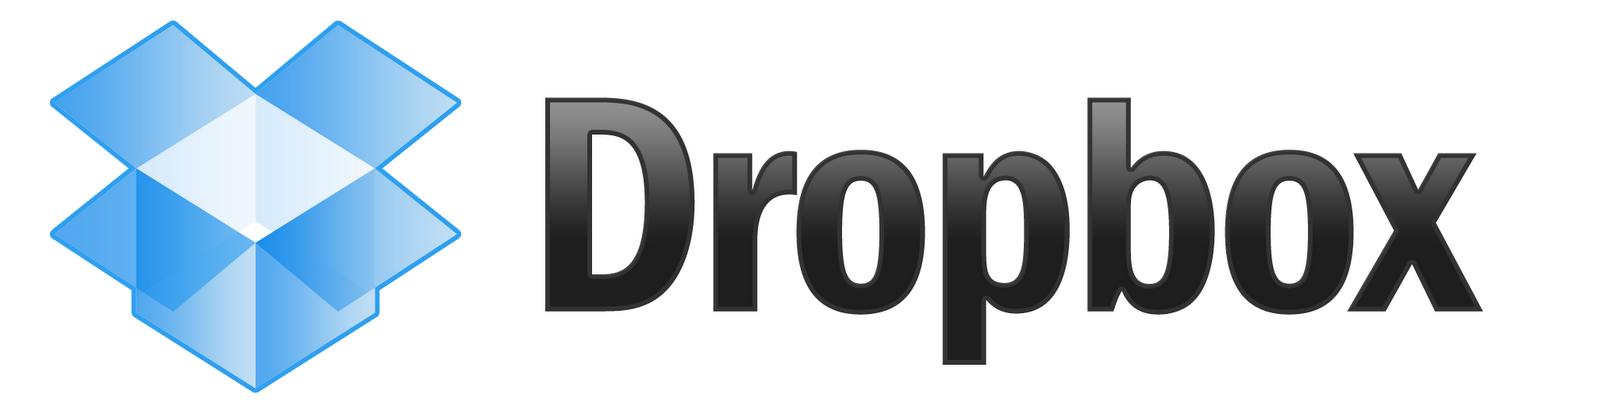 Как сделать резервную копию смартфона на Android - Dropbox